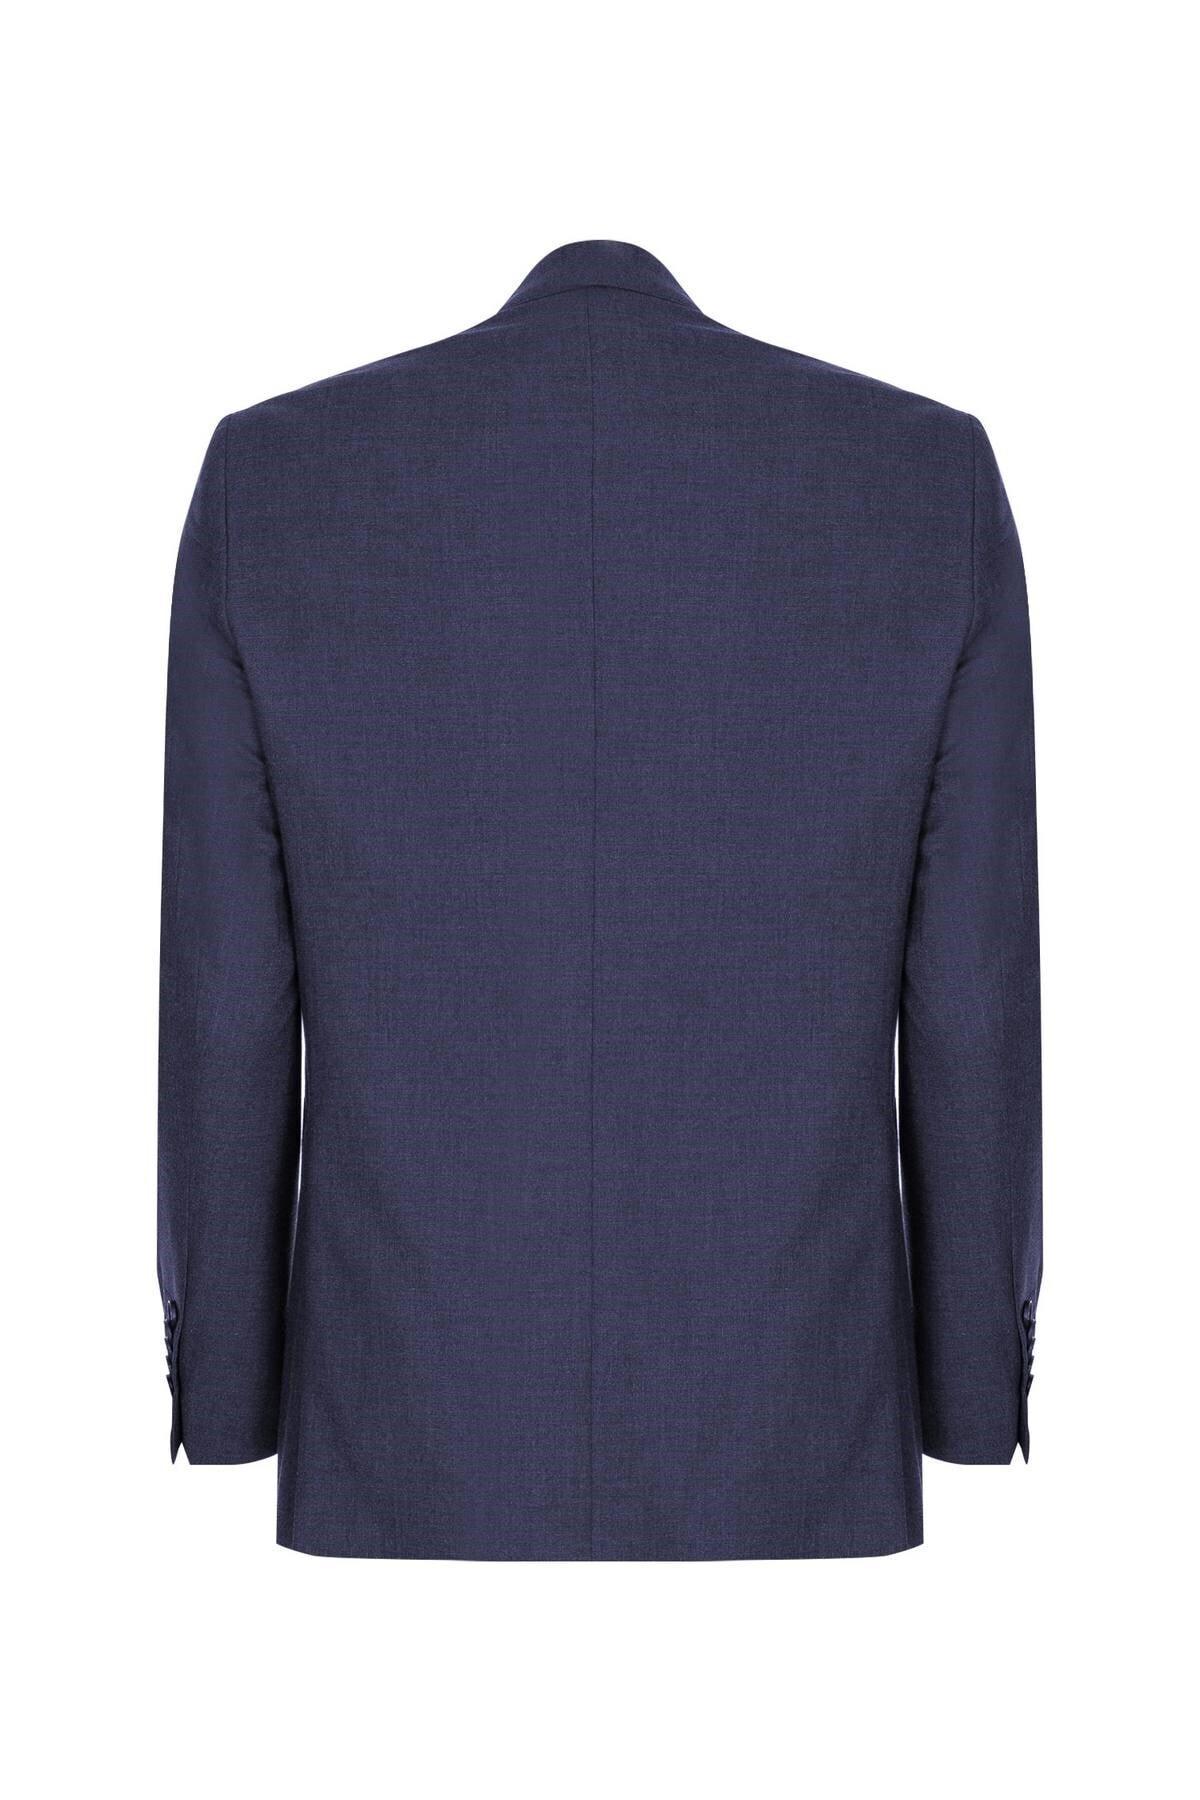 İgs Erkek A.laci Barı / Geniş Kalıp Std Takım Elbise 2